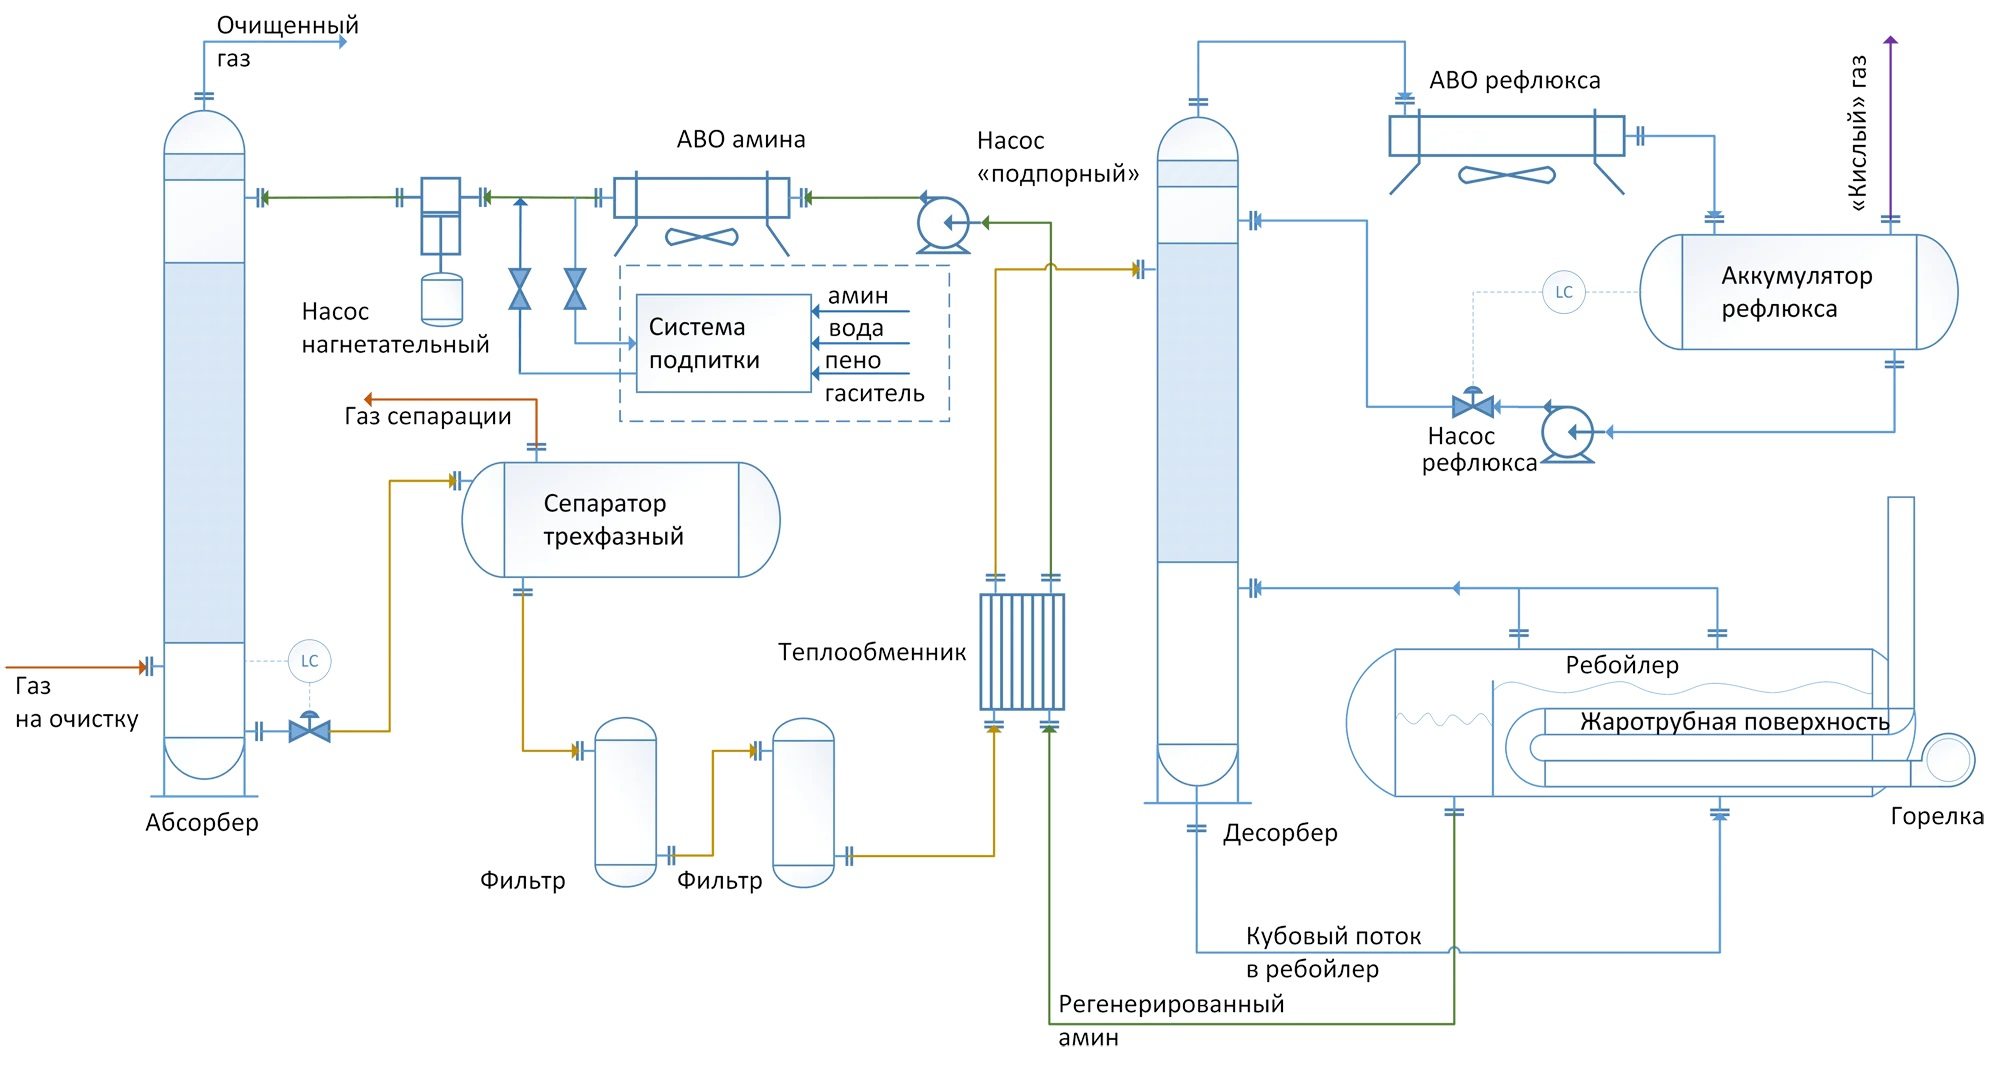 Схематическое изображение типичного технологического оборудования для очистки кислого газа регенеративным абсорбентом